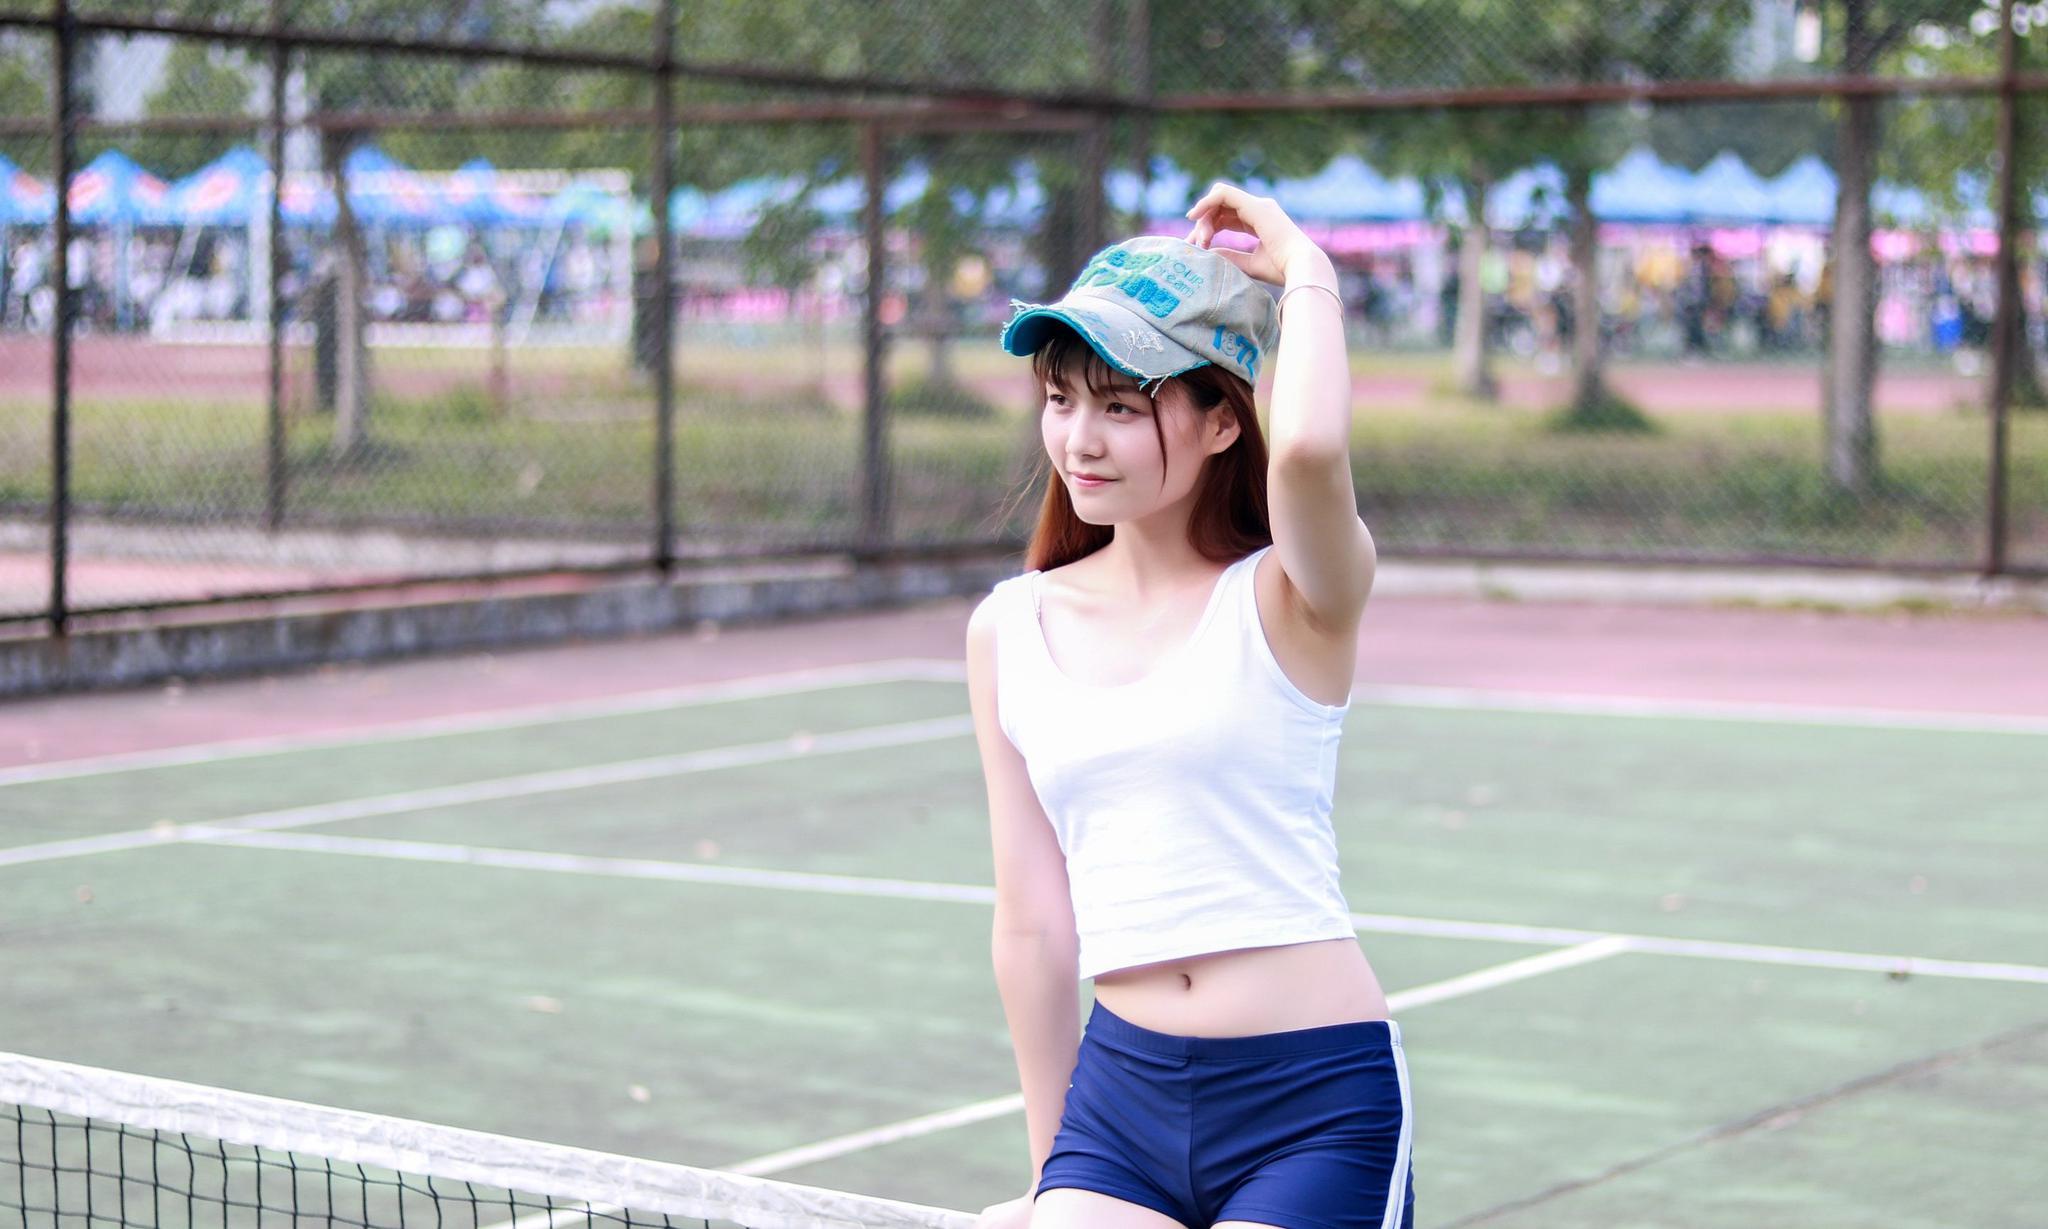 人像摄影 爱打网球的漂亮妹子,好身材就是这么打出来的